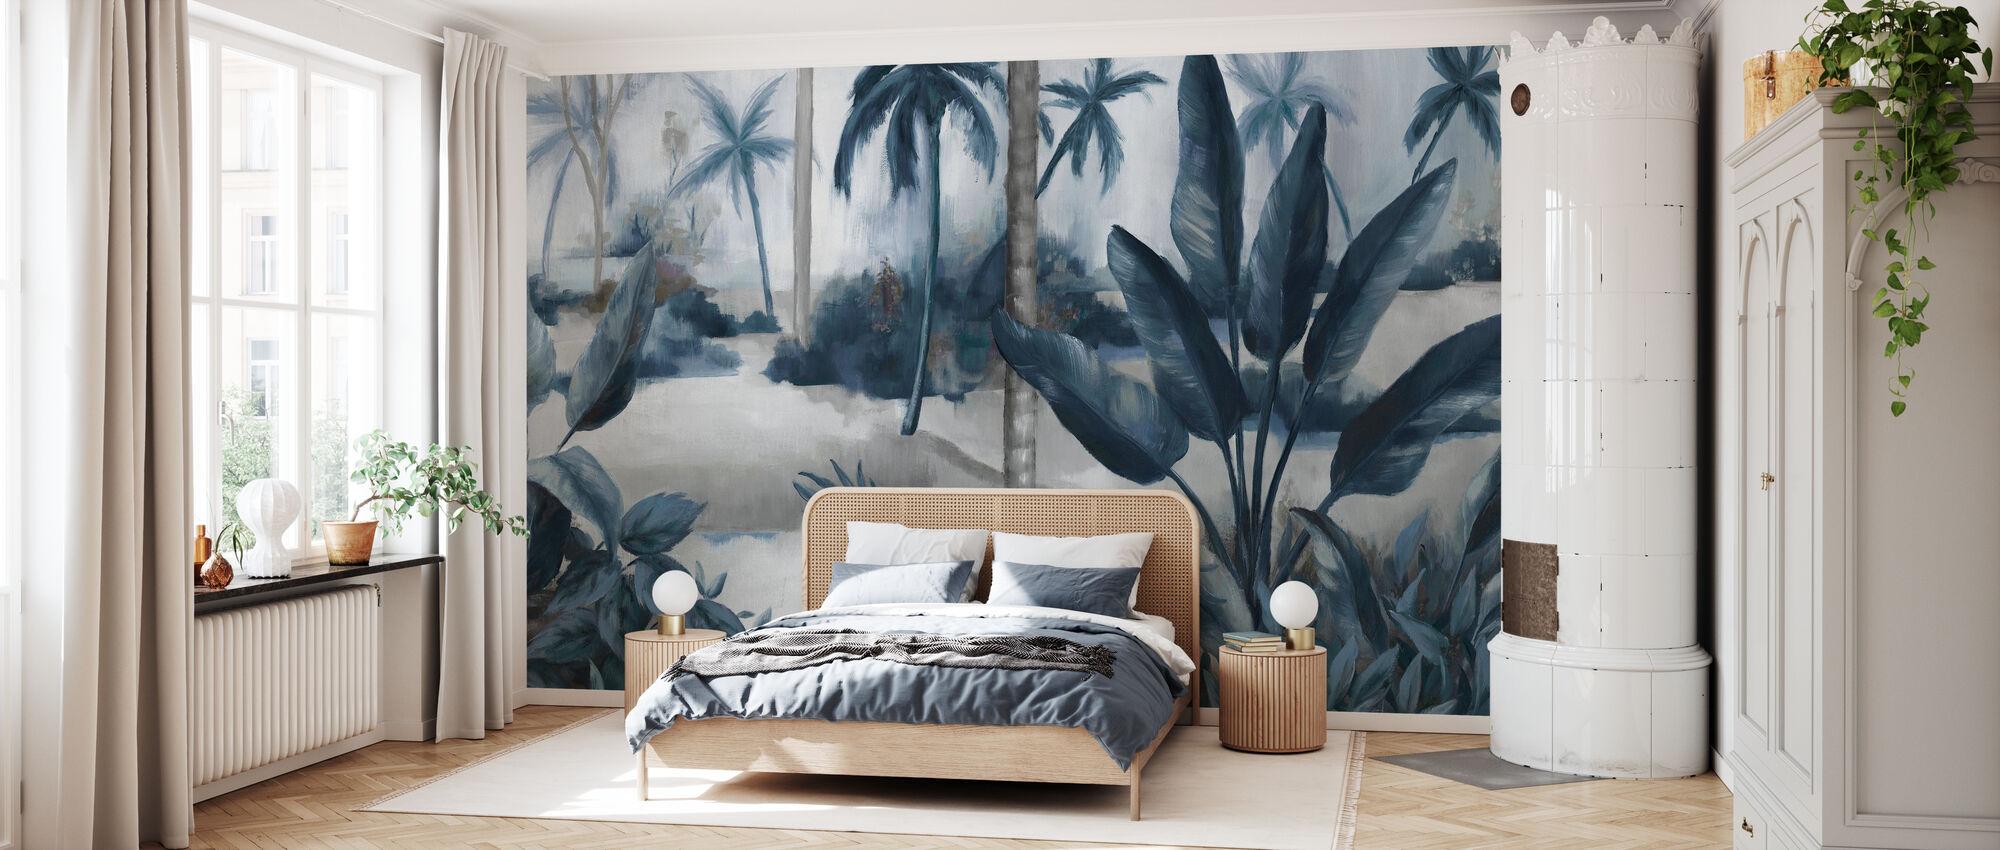 Verdure - From the Sea - Wallpaper - Bedroom